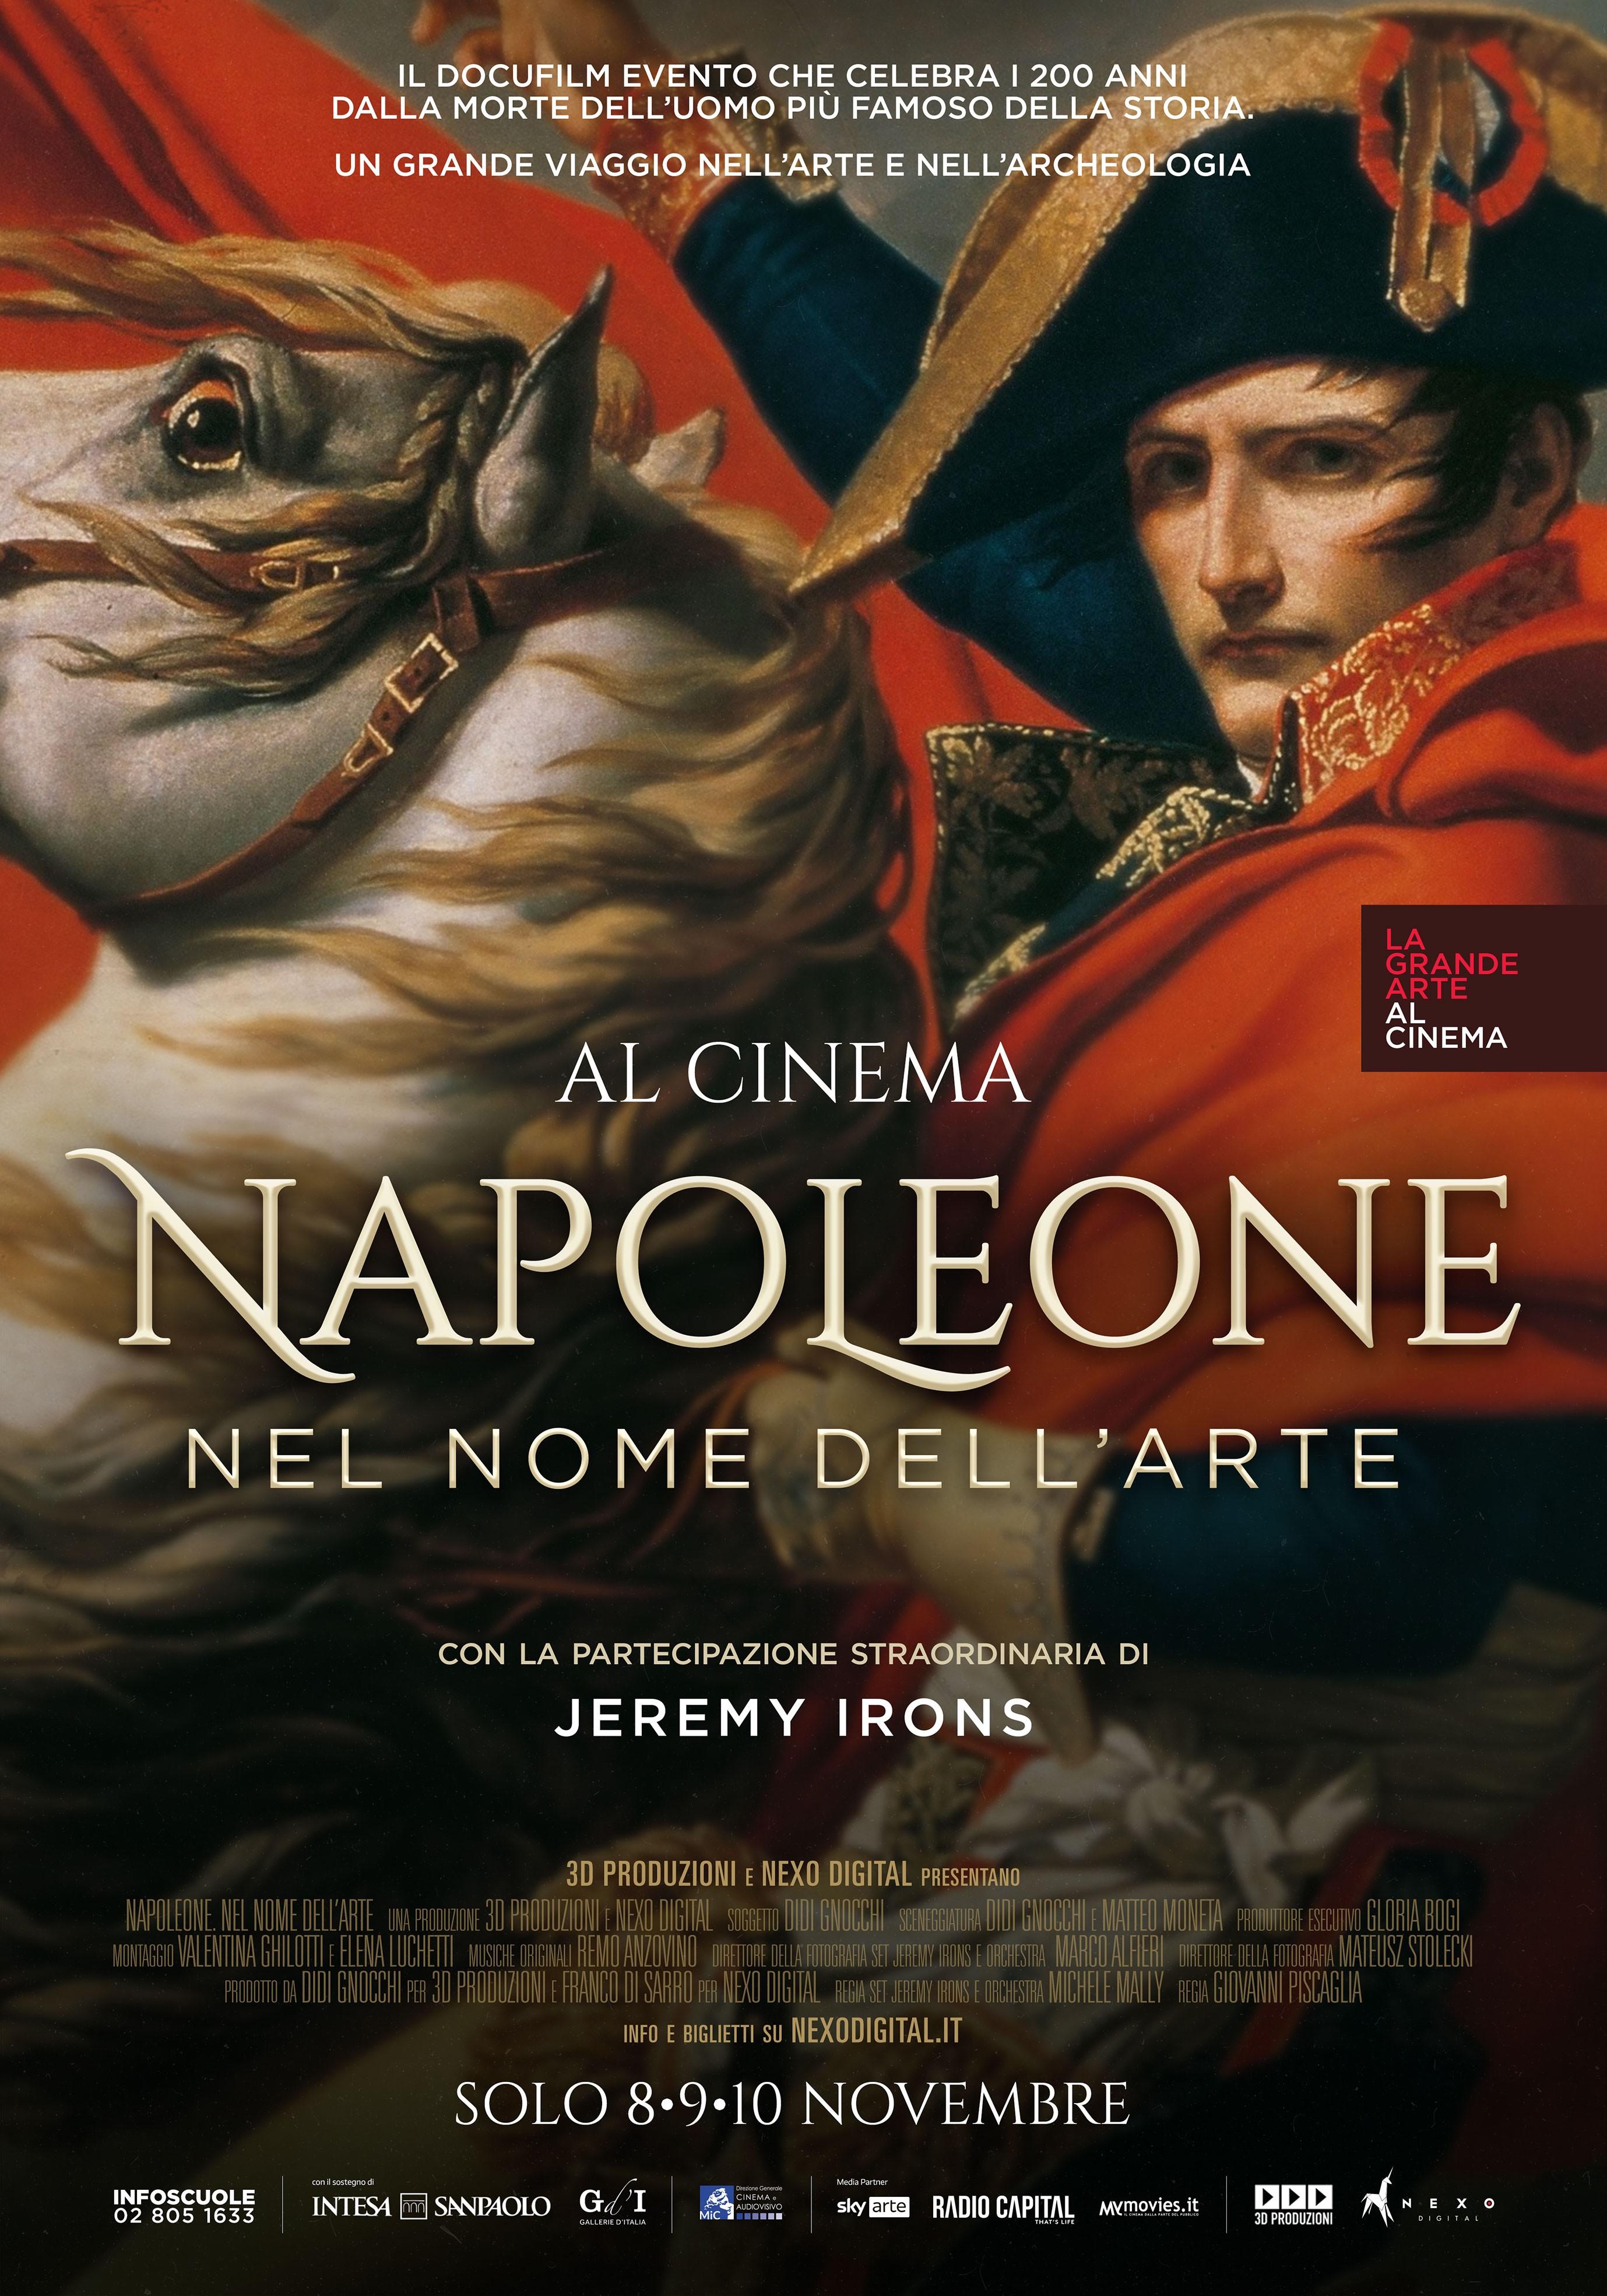 Napoleone – nel nome dell'arte